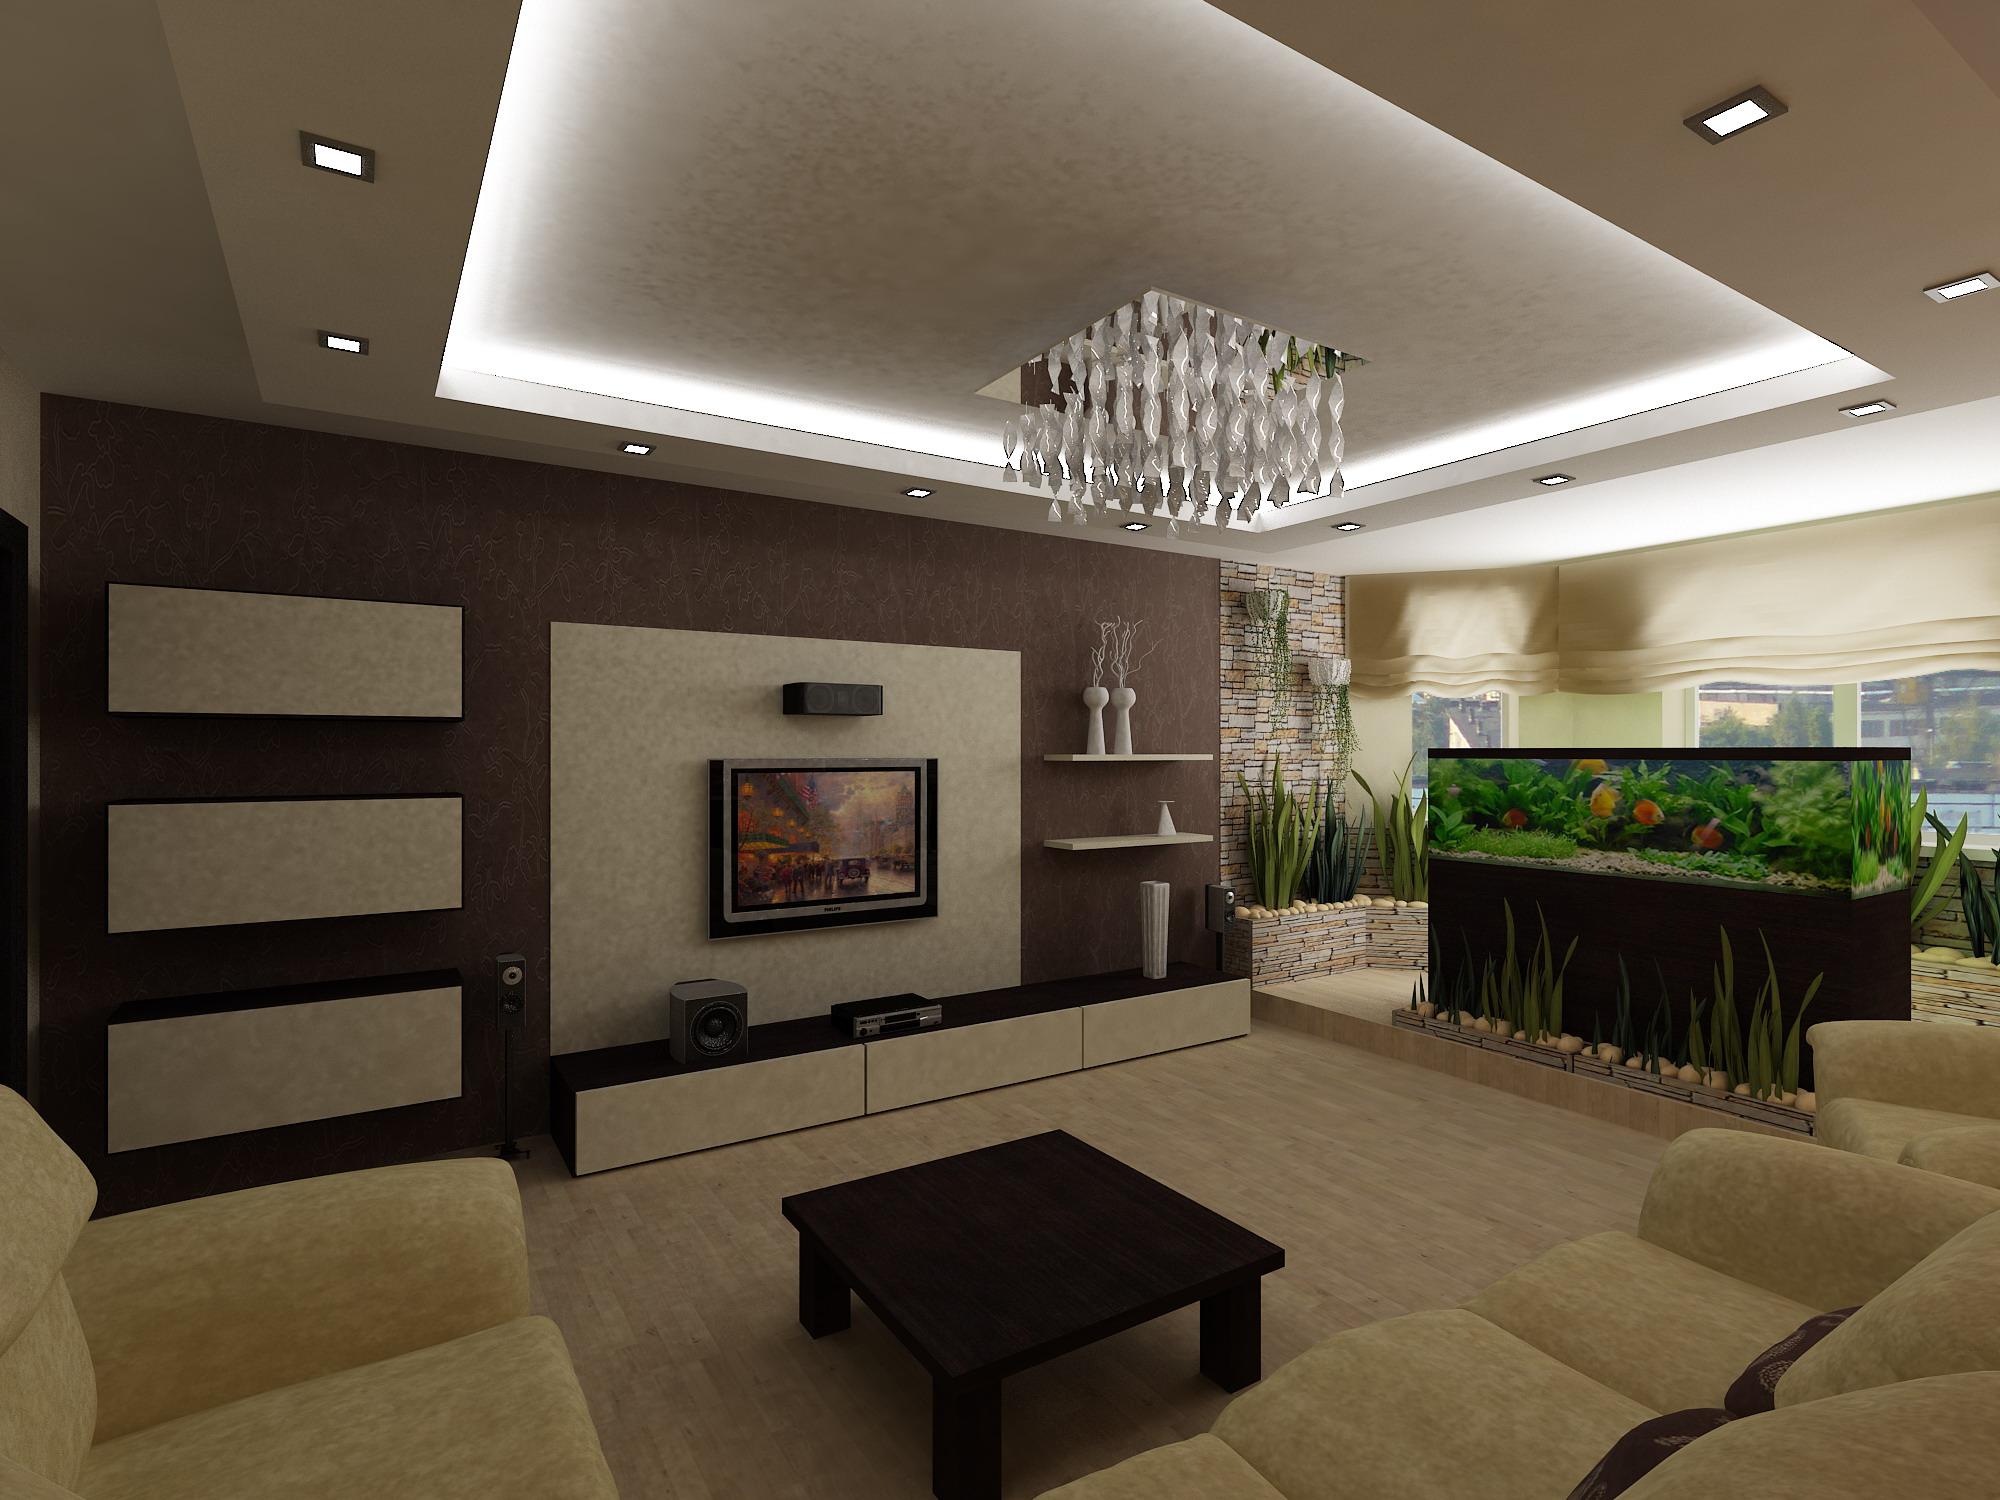 Кухня гостиная 40 кв м дизайн фото